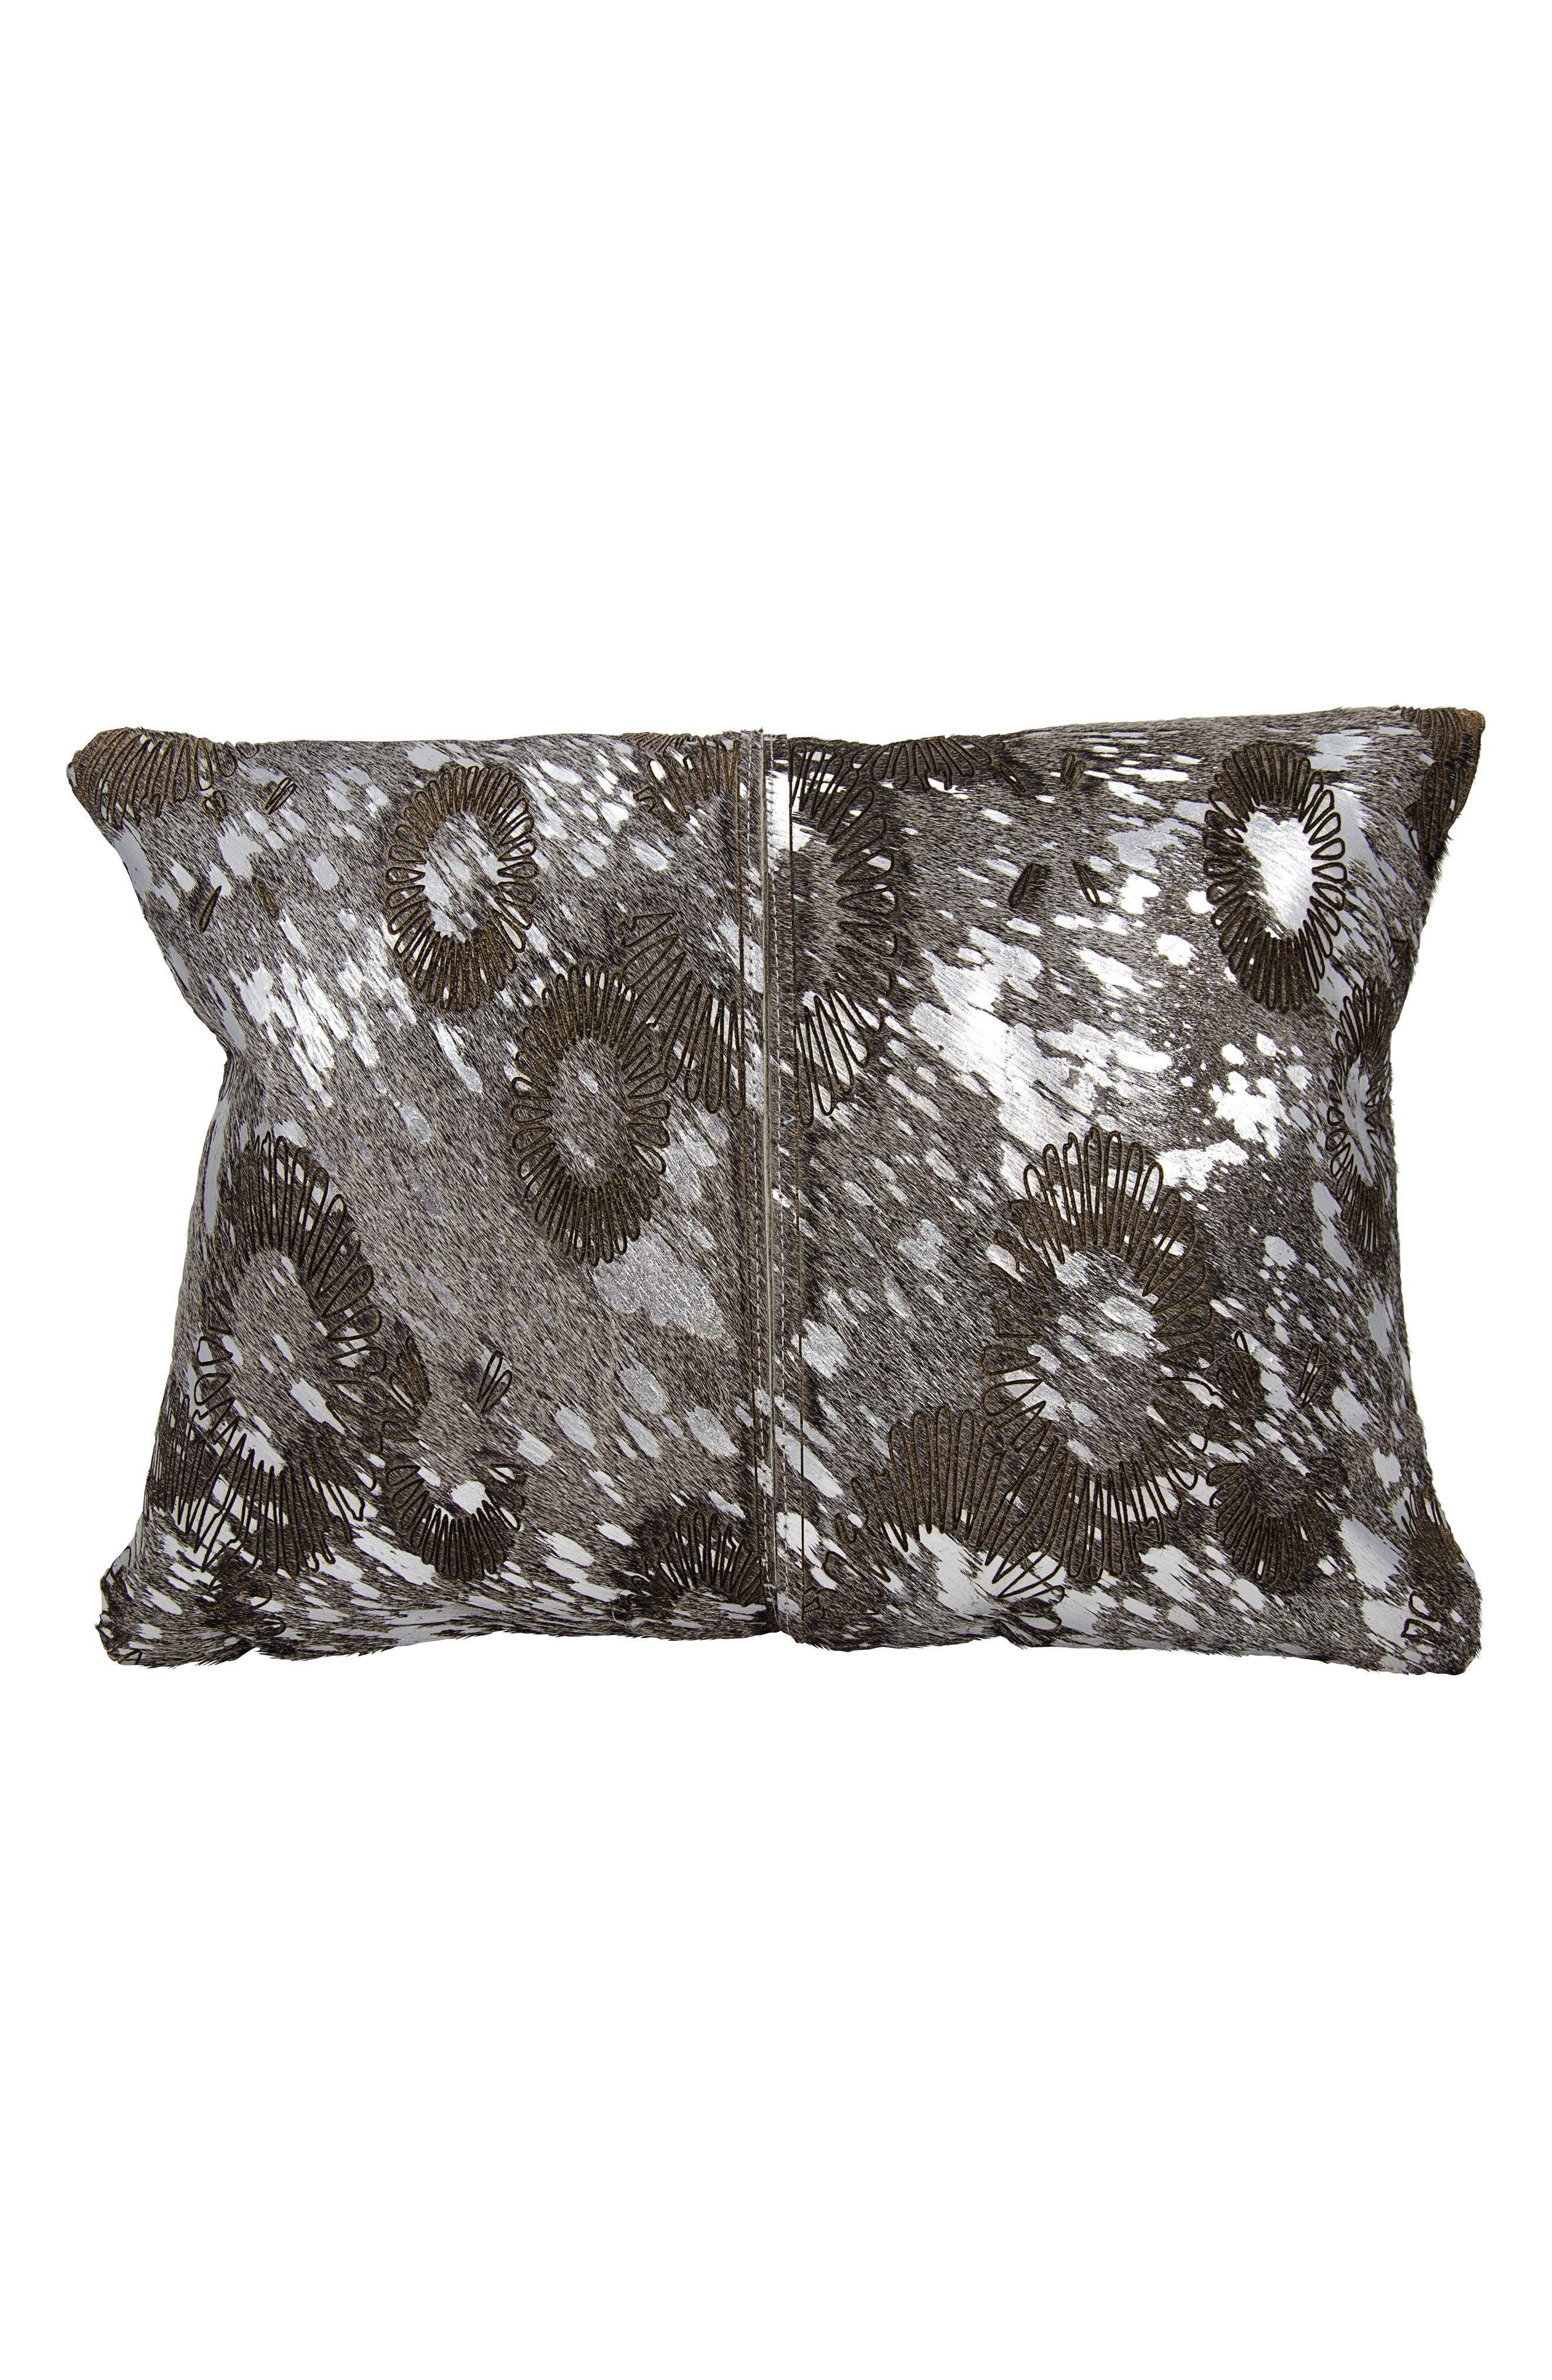 Metallic Calf Hair Accent Pillow,                         Main,                         color, Silver Grey